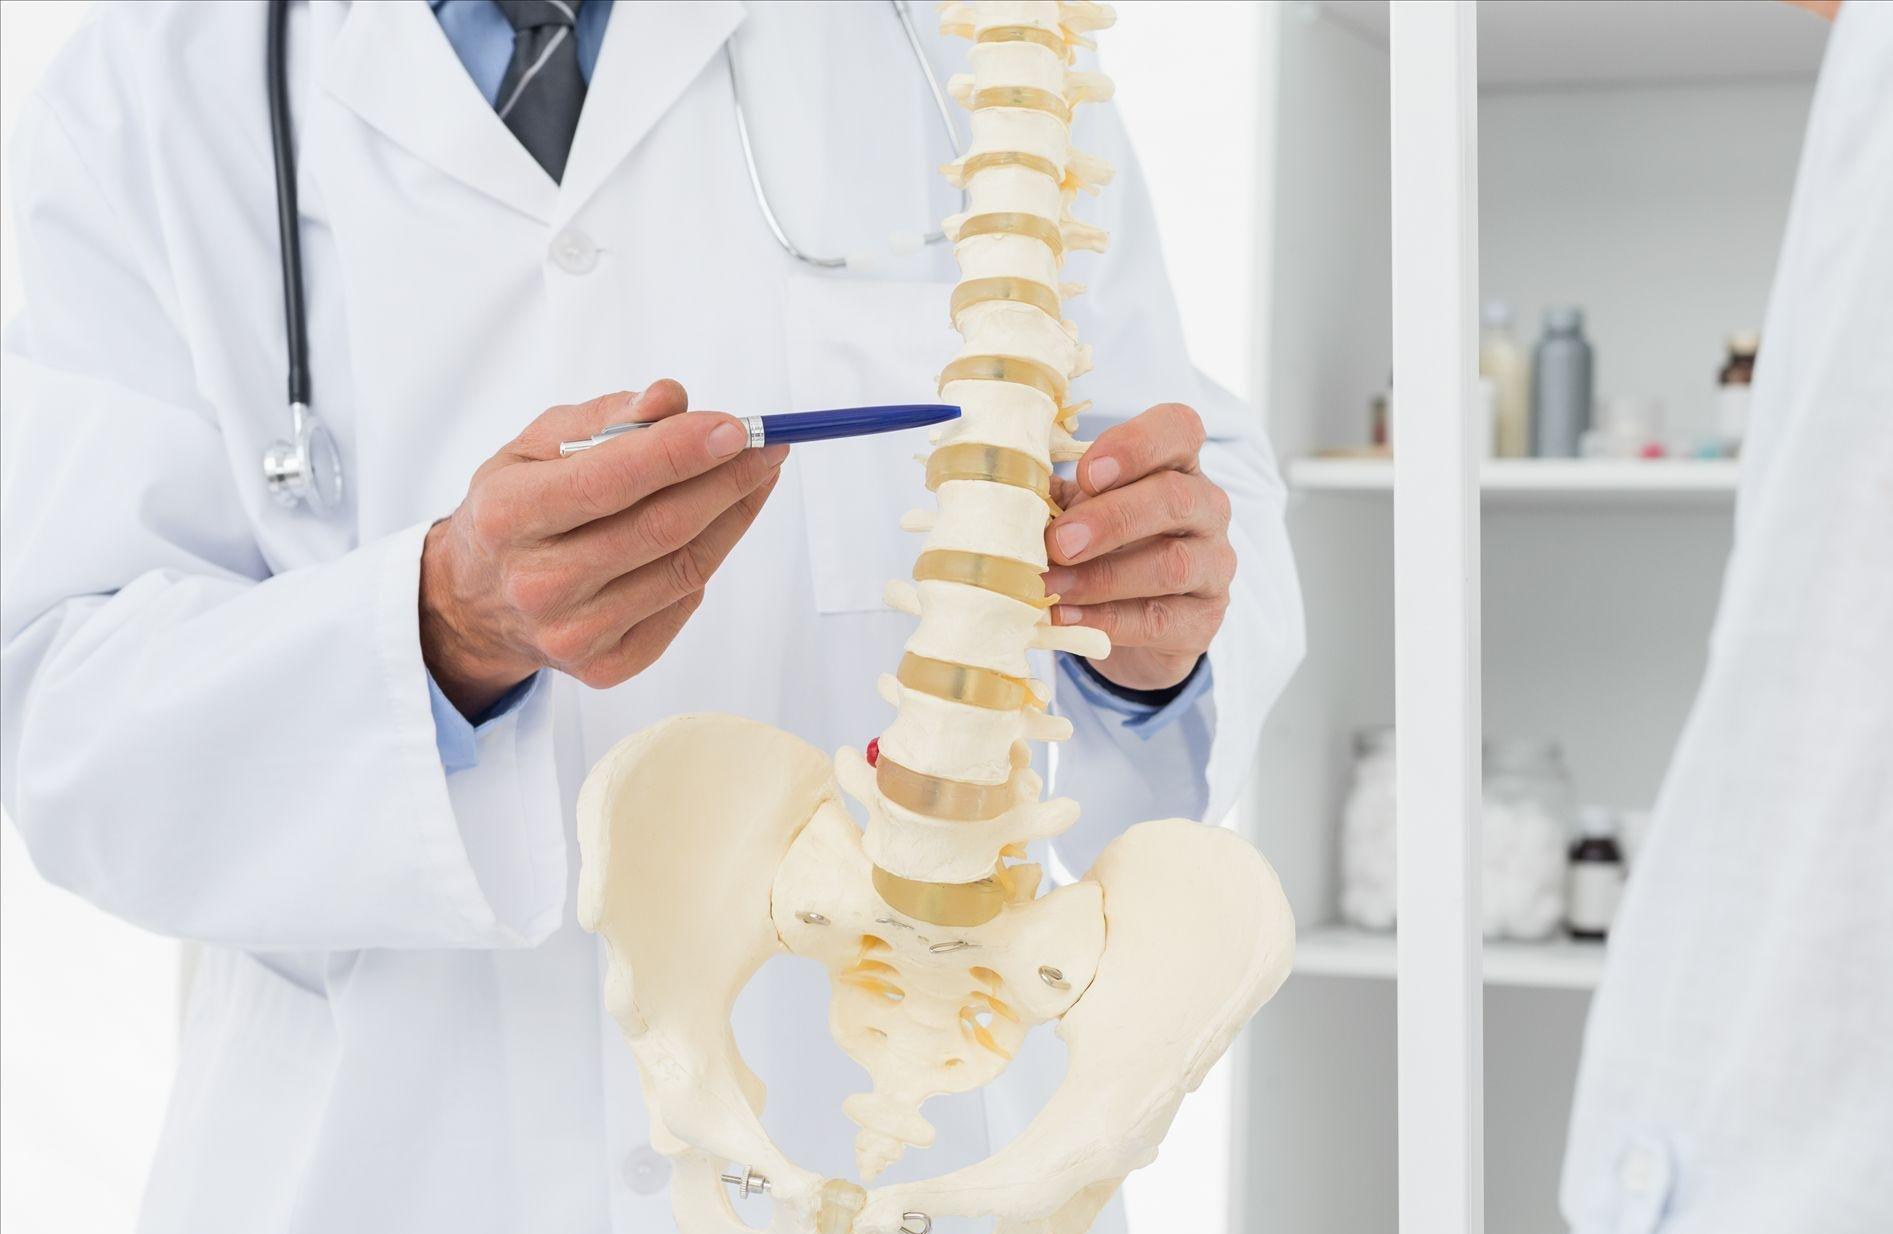 补钙不等于补骨!3分钟巧记补骨公式